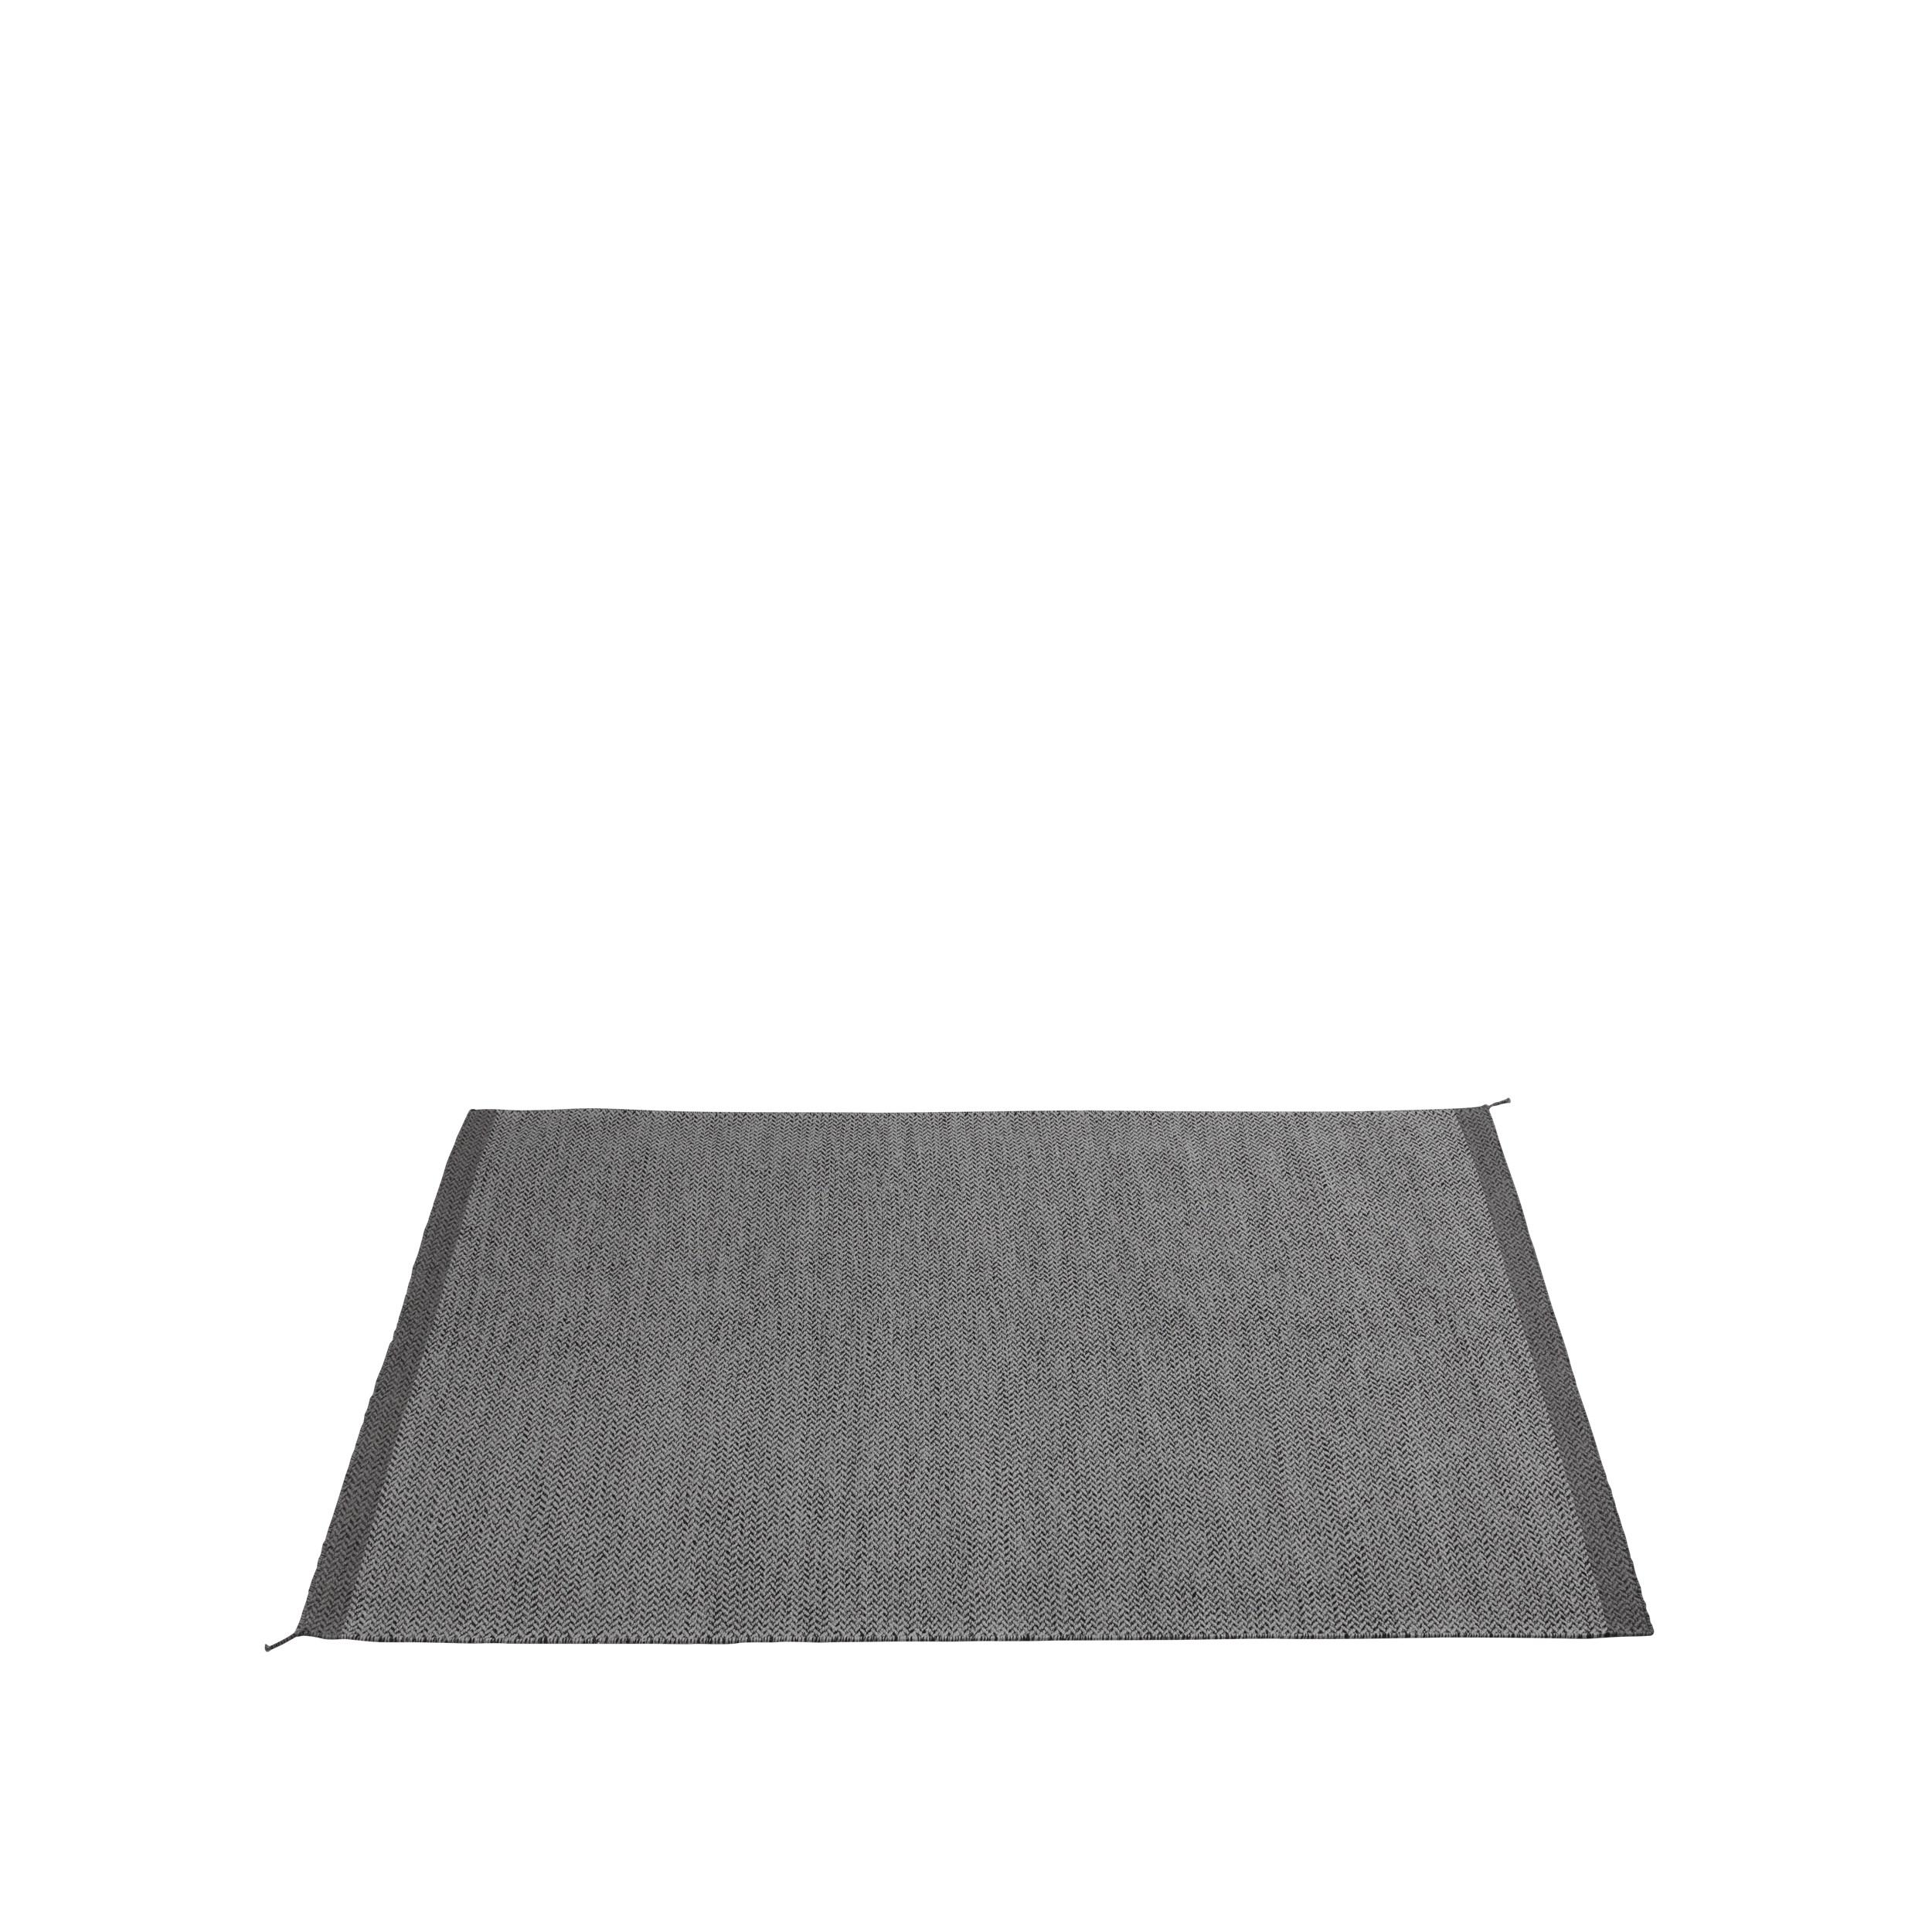 Ply rug 170 x 240 dark grey